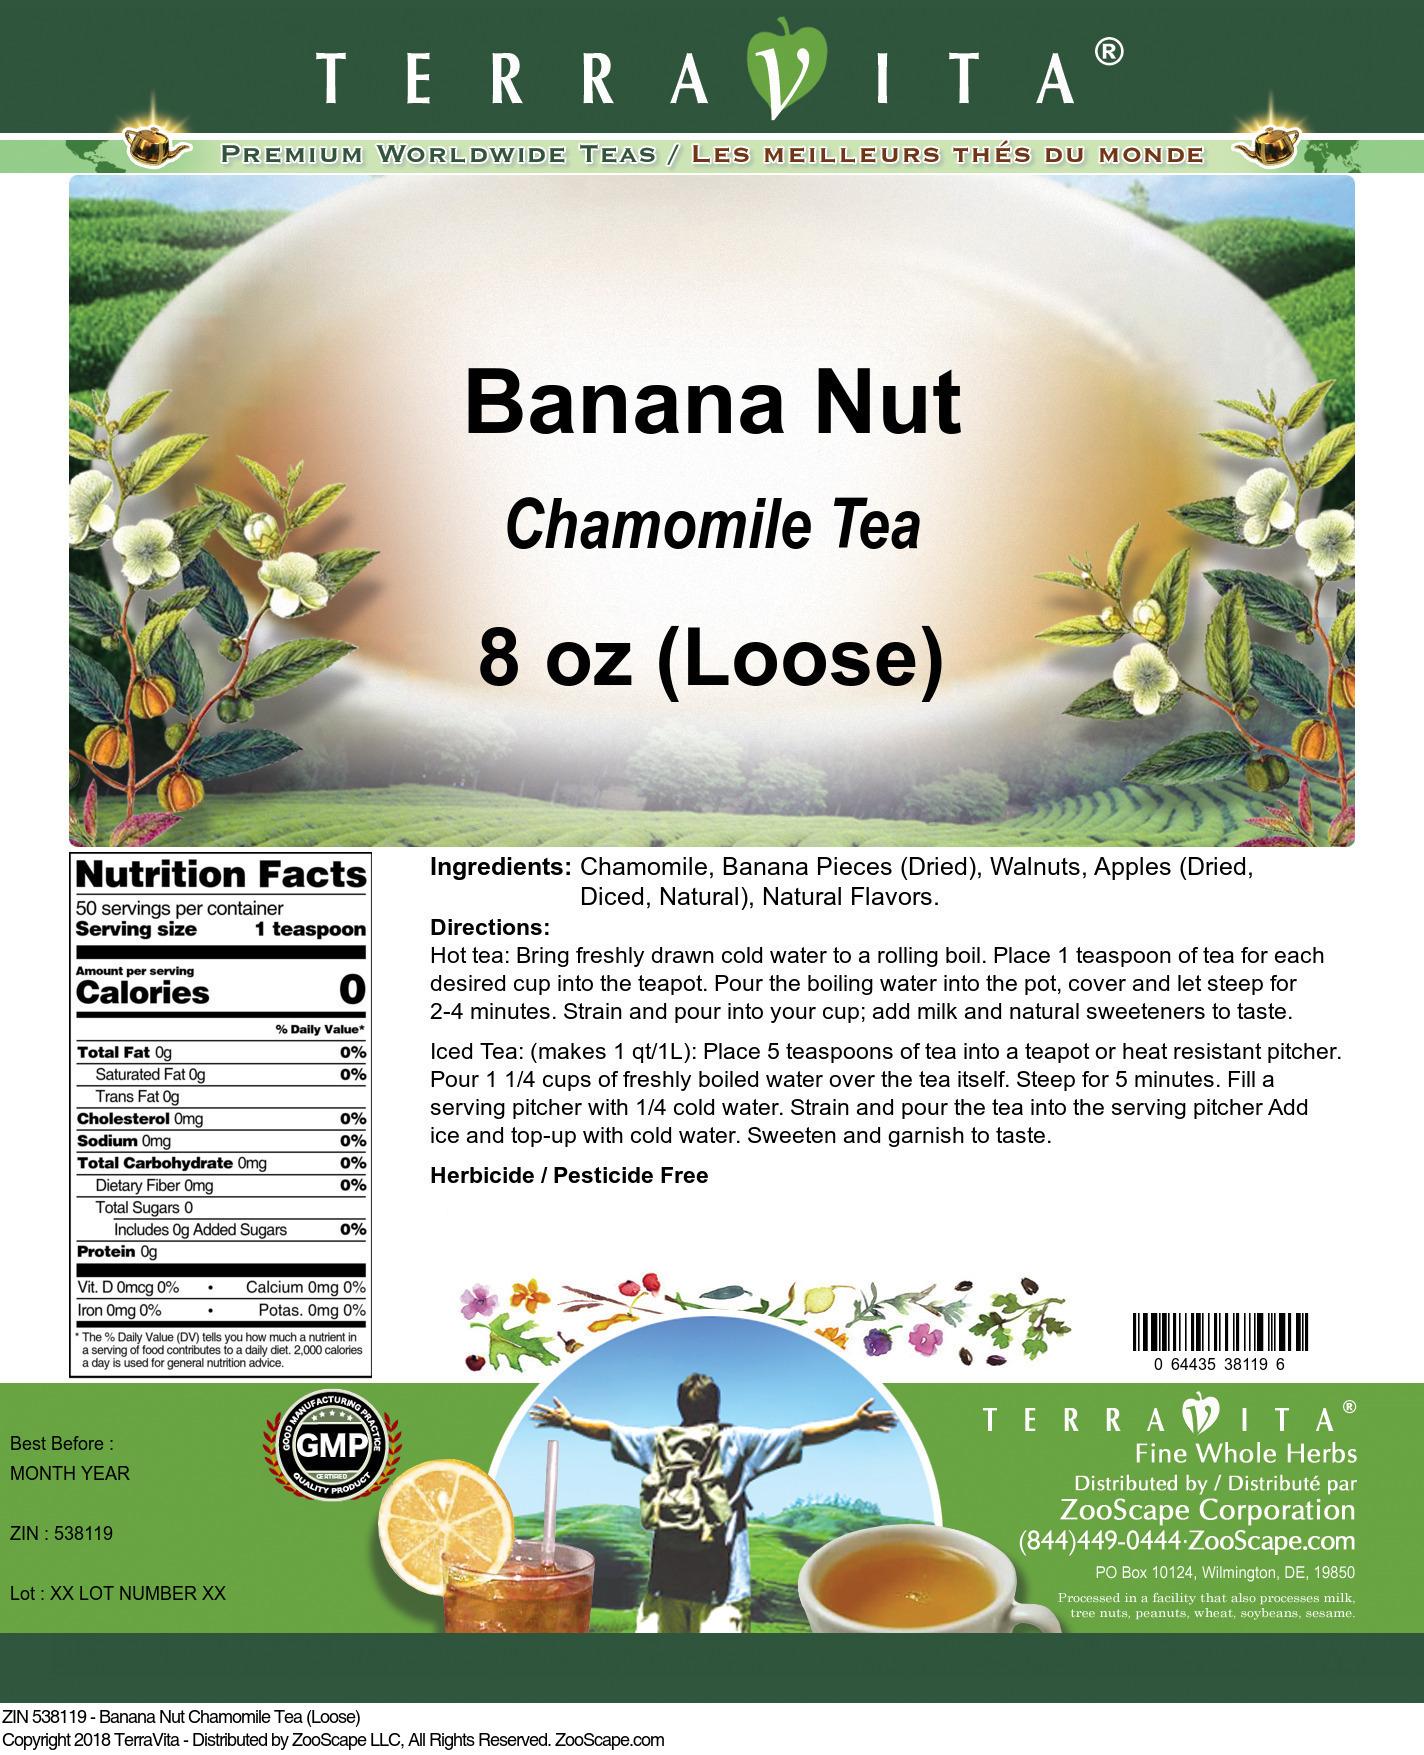 Banana Nut Chamomile Tea